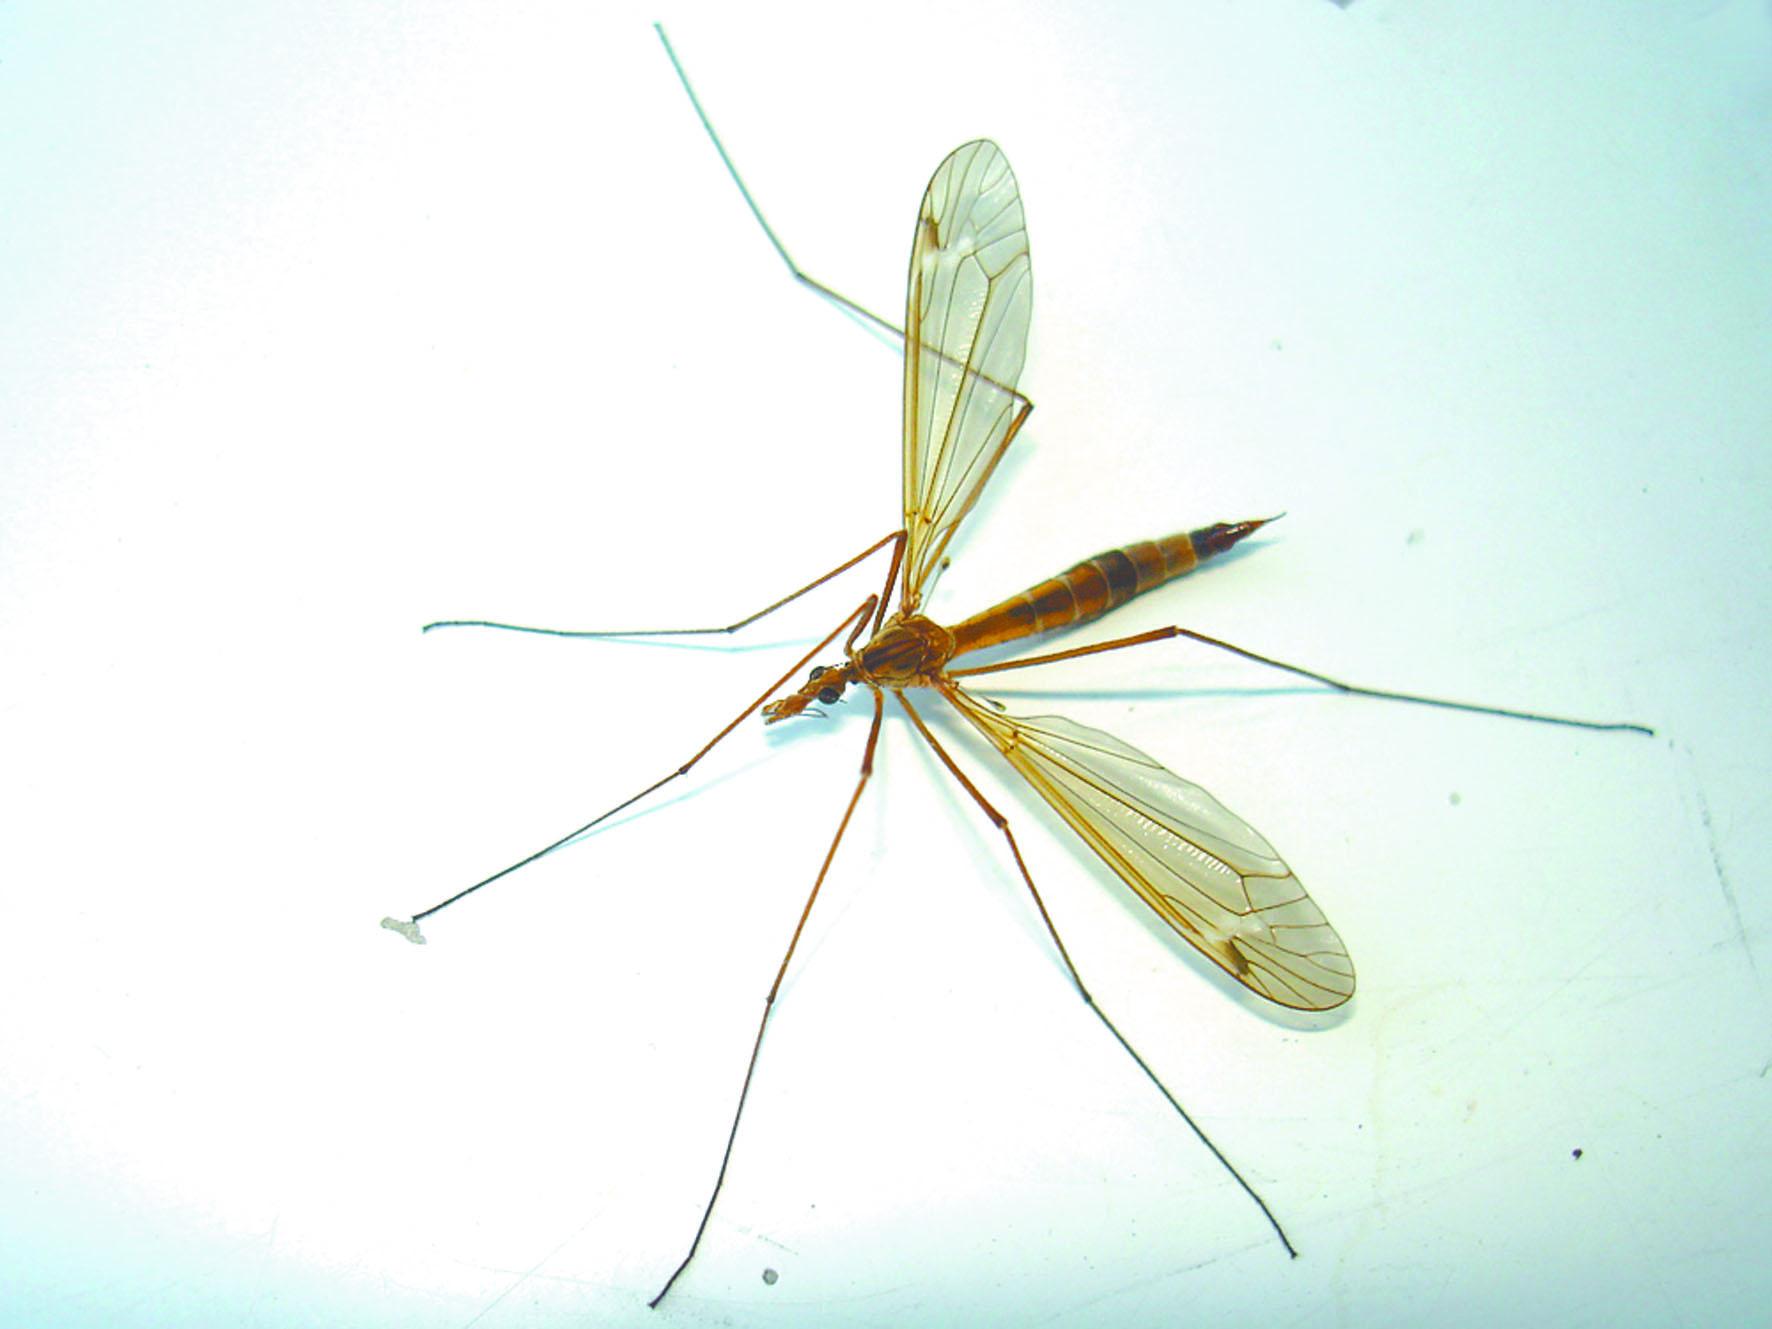 деревянную виды комаров в картинках своей